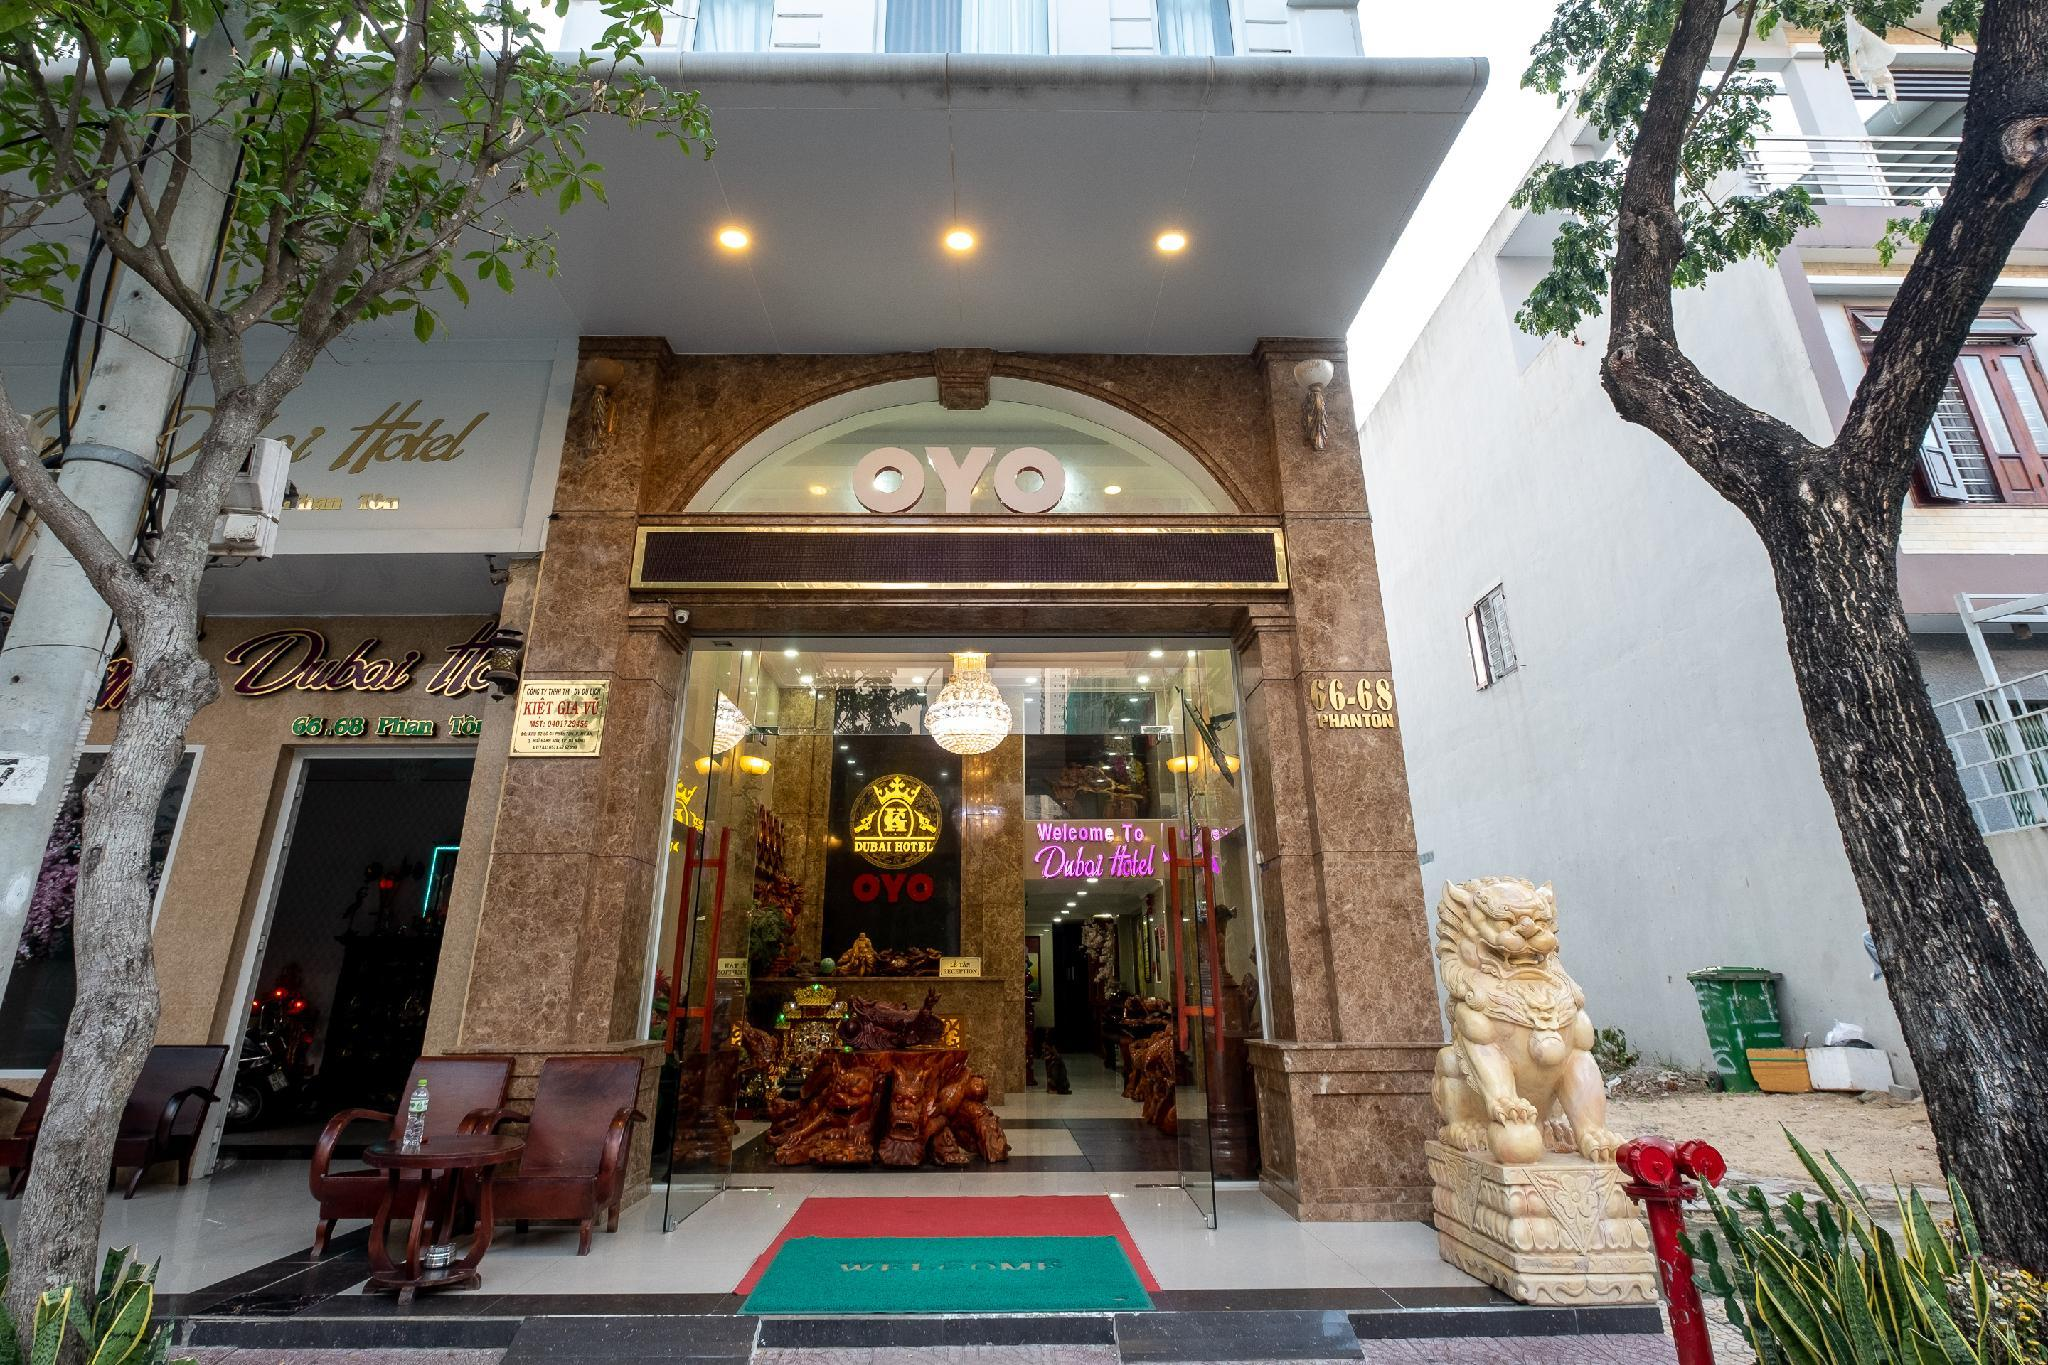 OYO 118 Dubai Hotel, Ngũ Hành Sơn